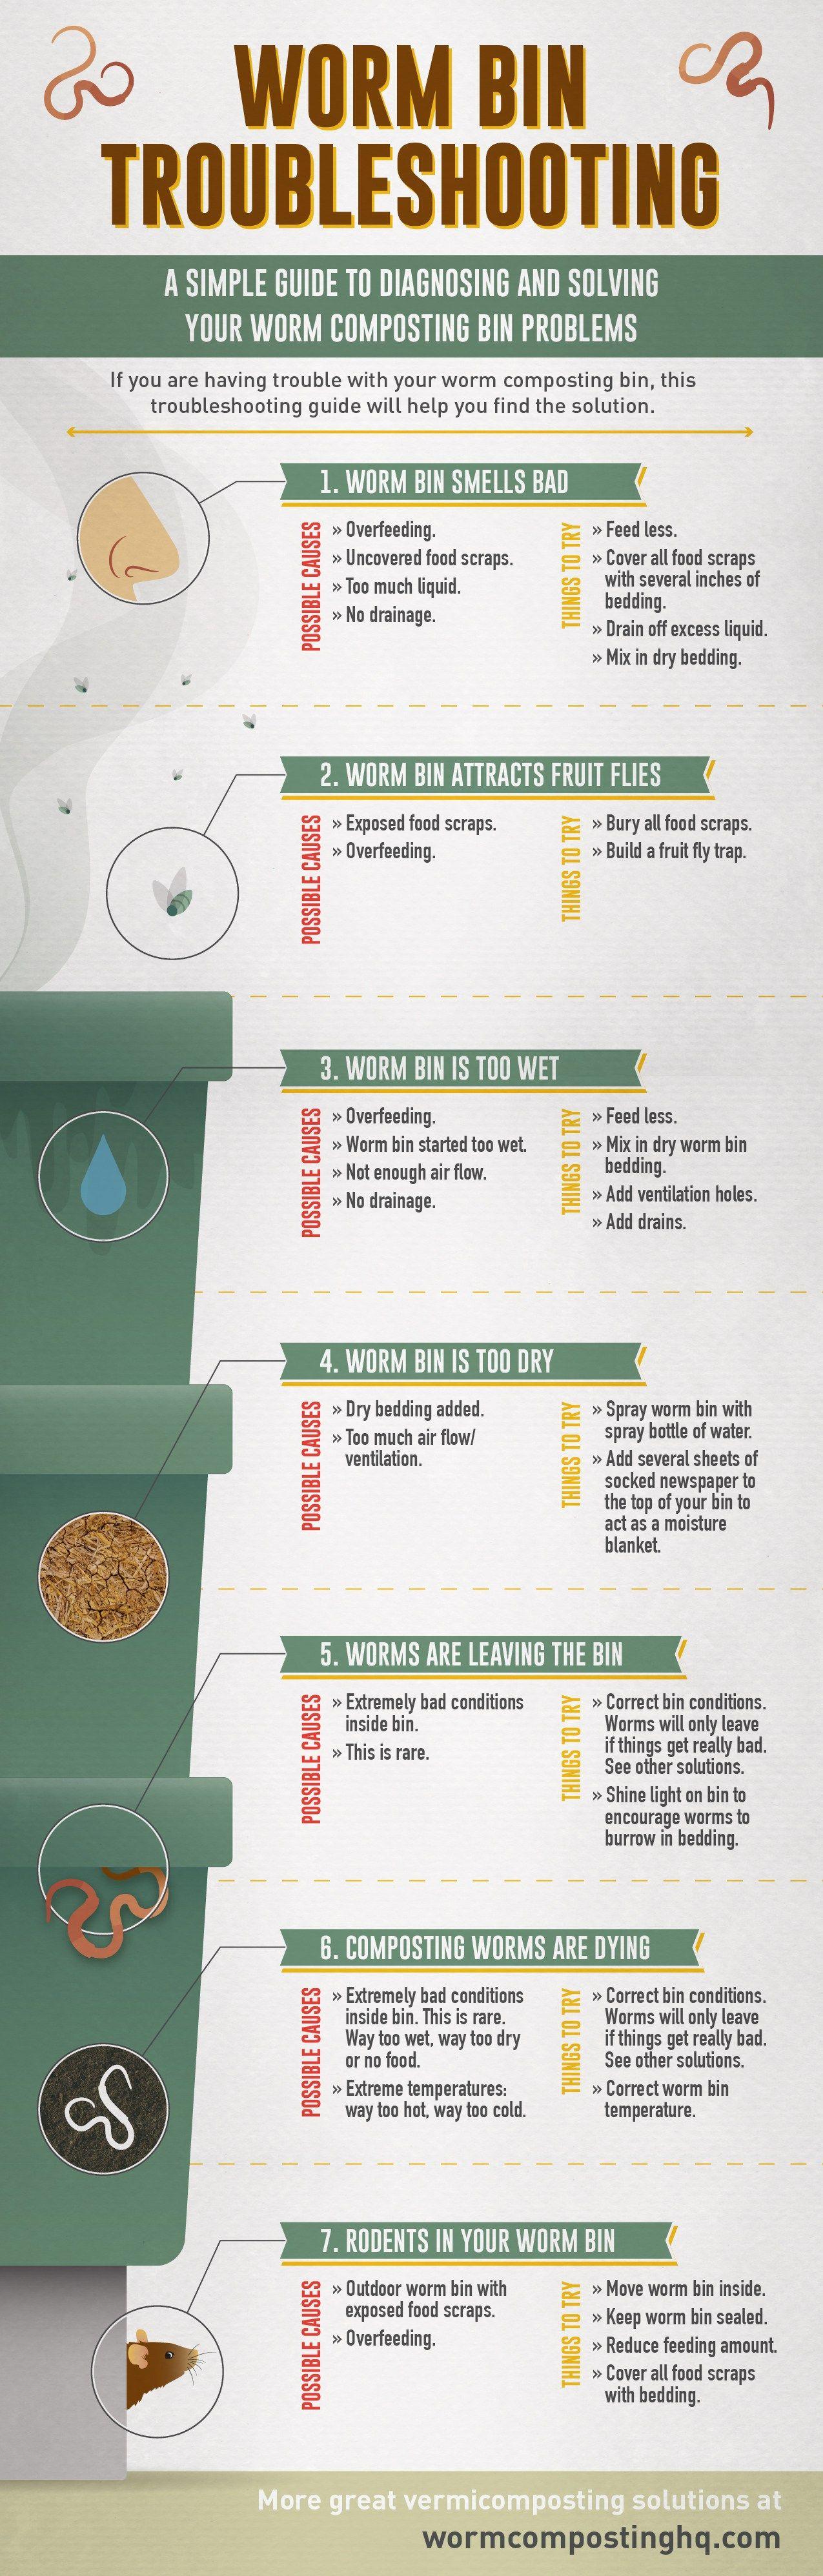 Worm Bin Troubleshooting Infographic